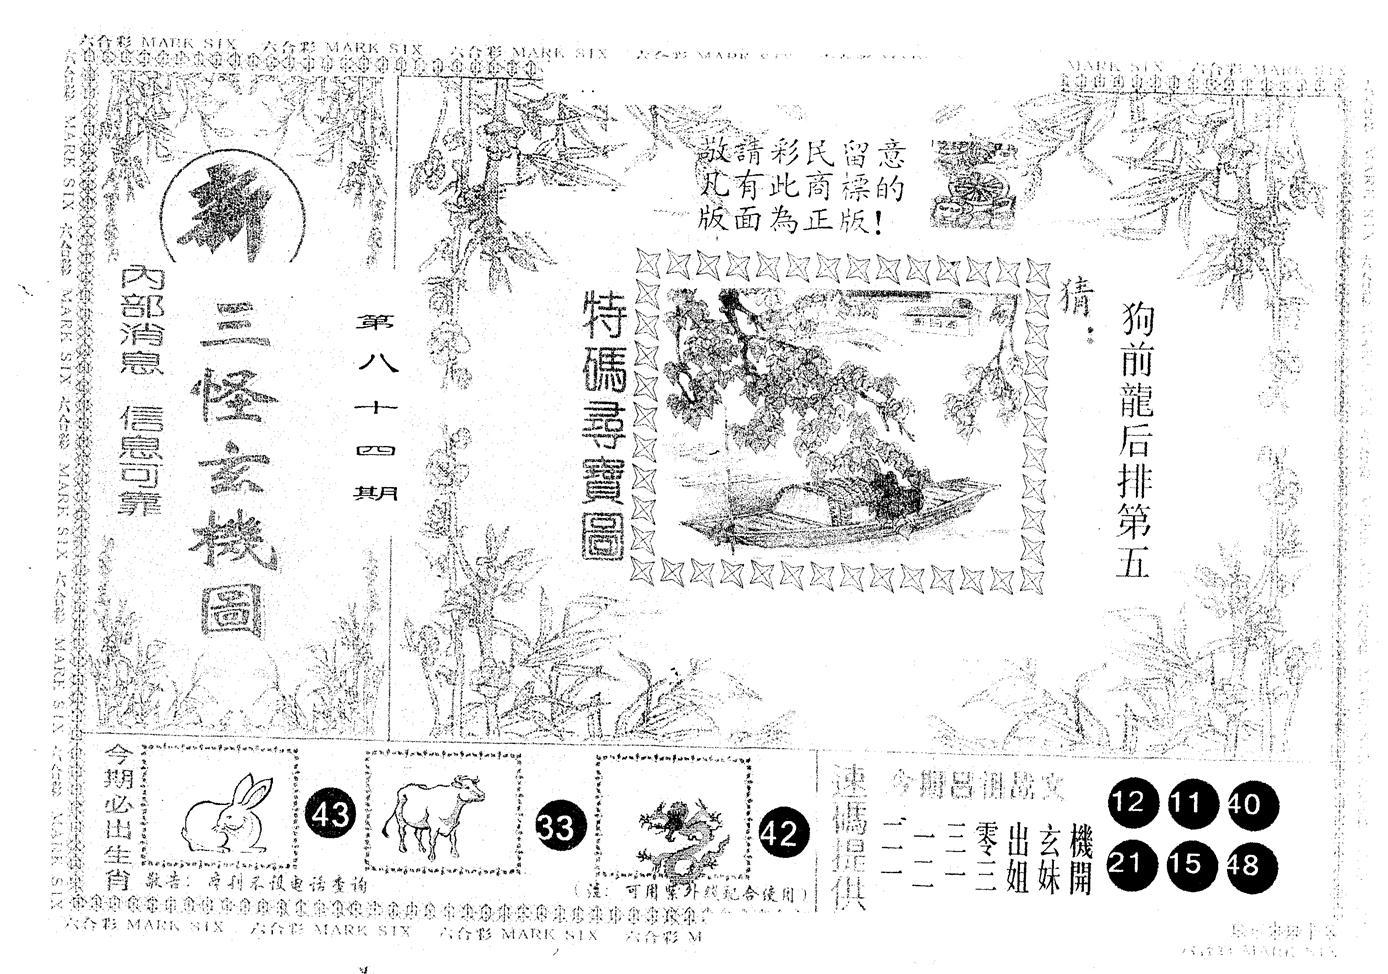 084期另版新三怪(黑白)